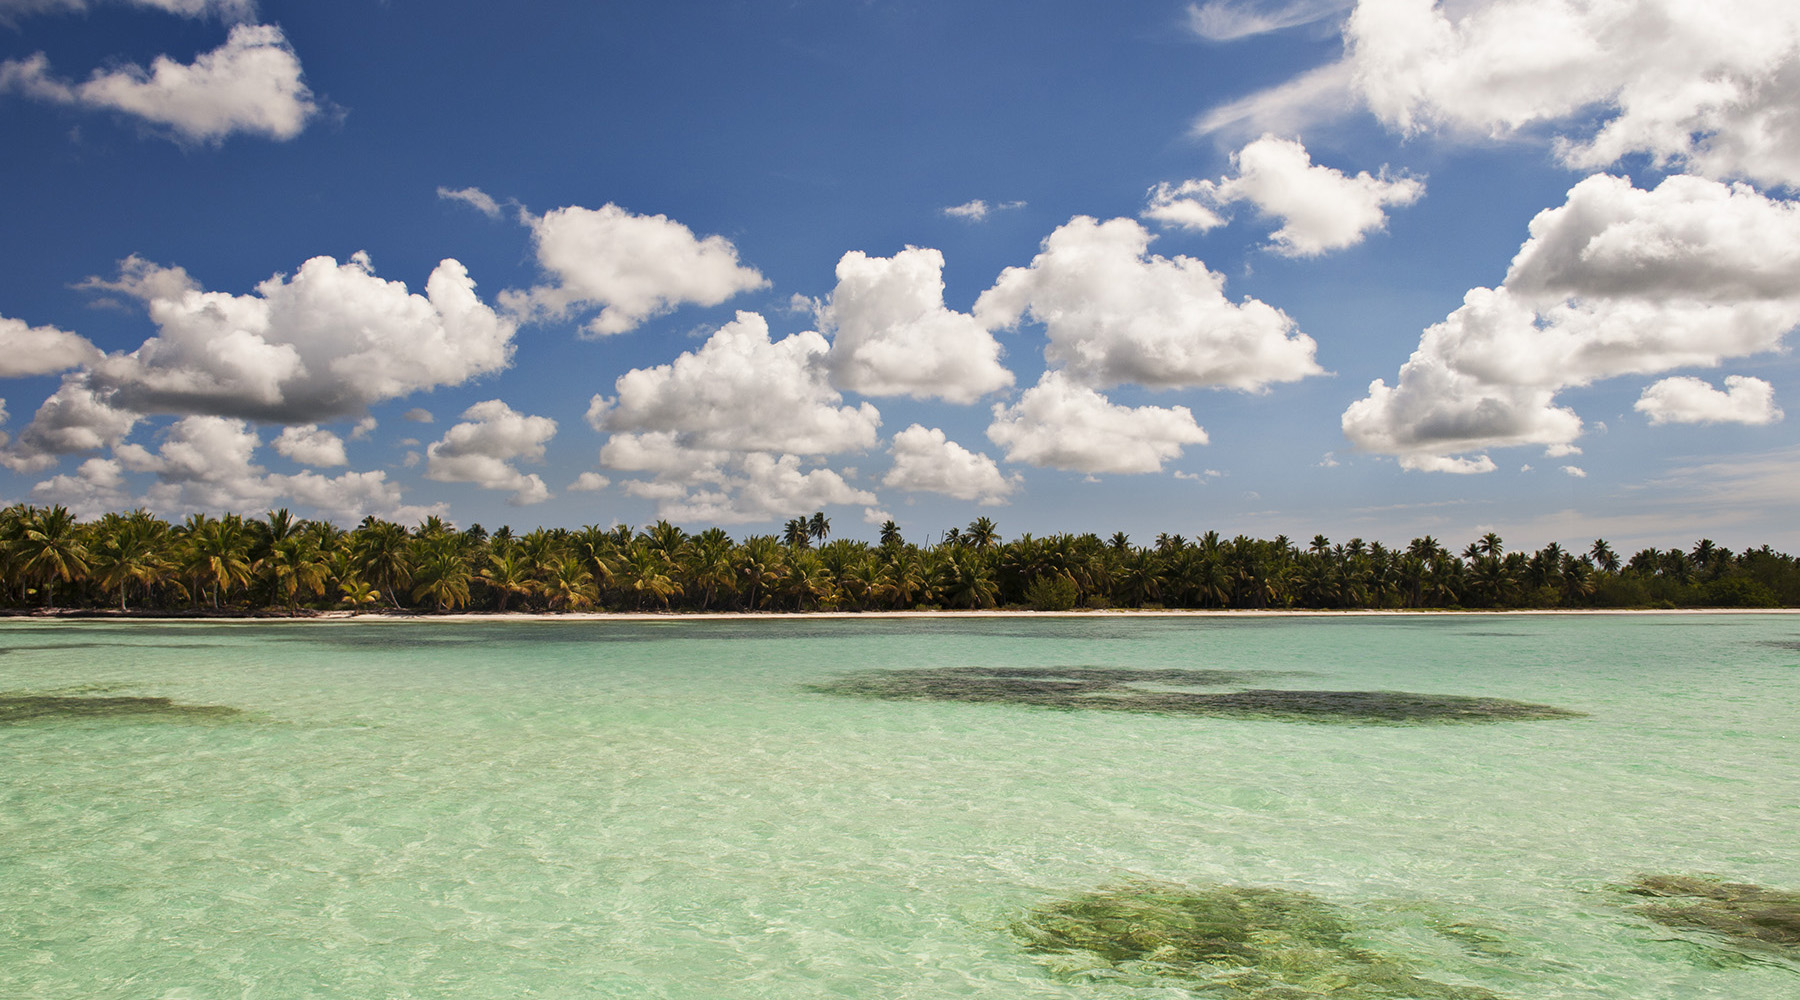 dominican-republic_isla-soana_2_800